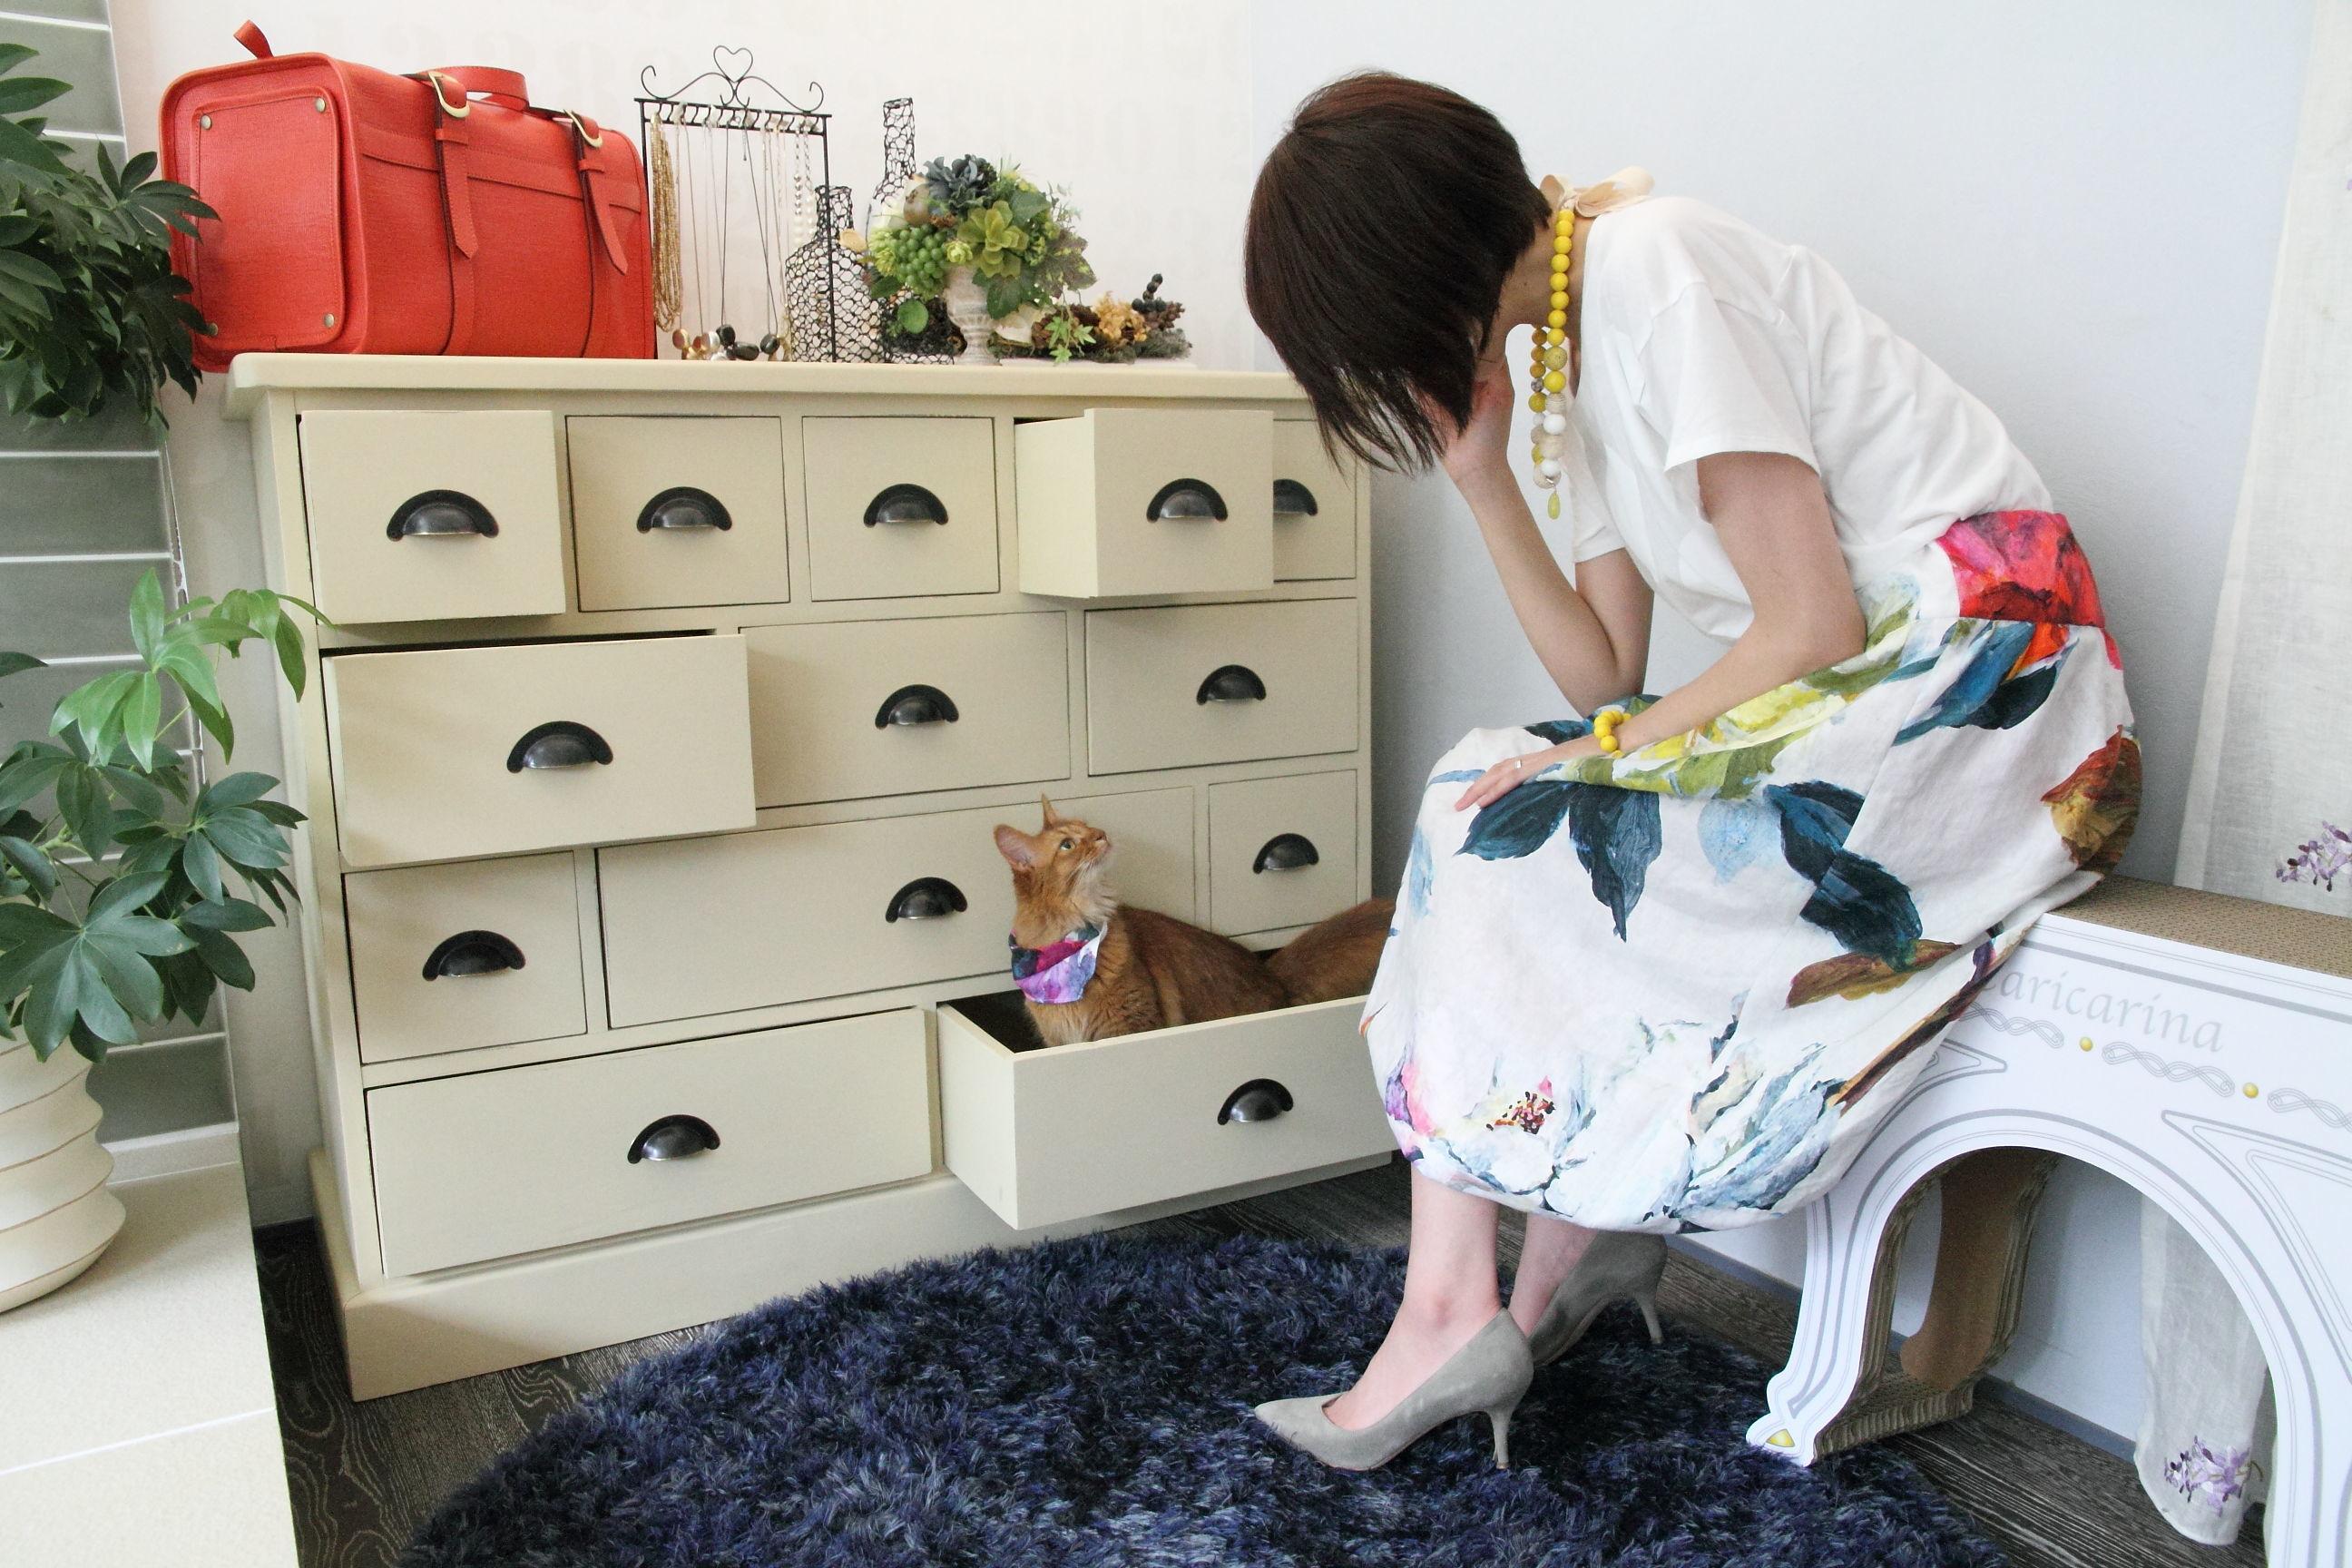 珍しい猫家具&グッズも! 猫とのオシャレな生活を提案する「おとなのねこ展2」が開催